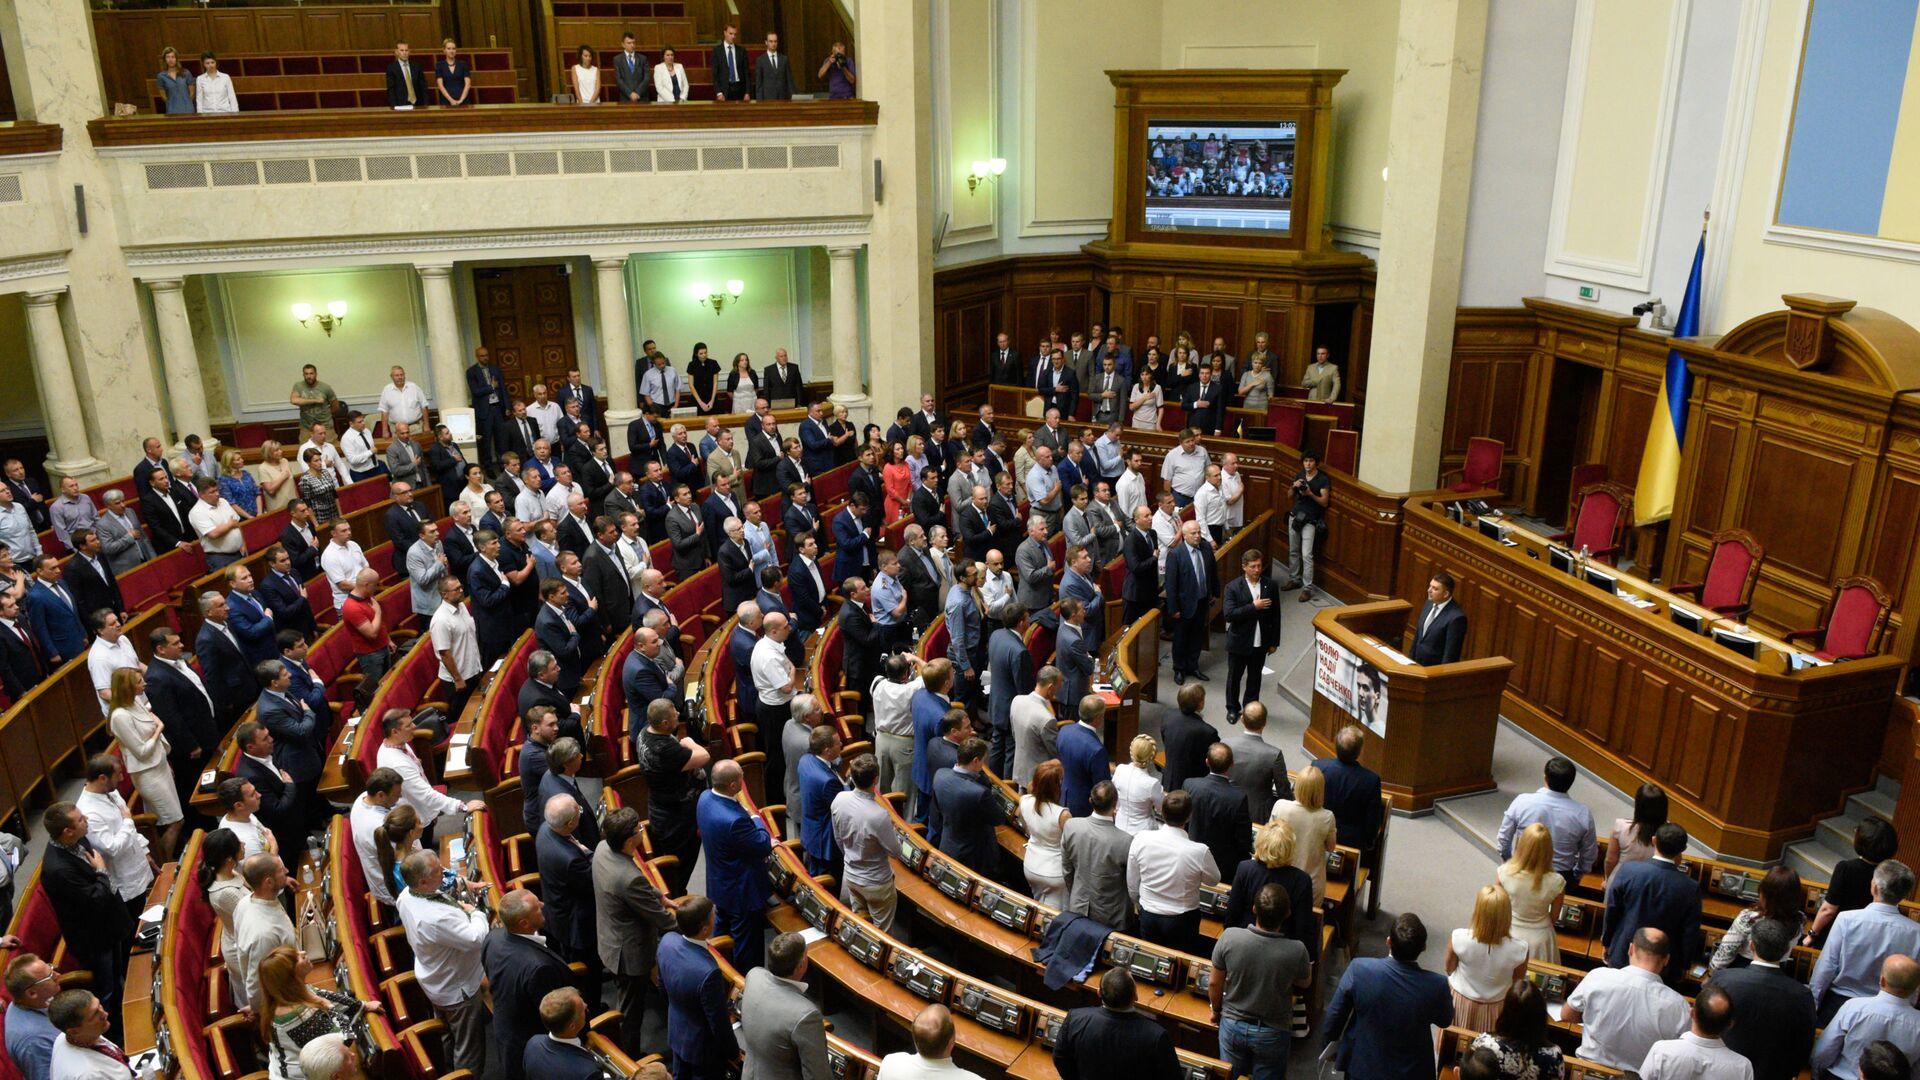 Posiedzenie Rady Najwyższej Ukrainy w Kijowie - Sputnik Polska, 1920, 03.09.2021